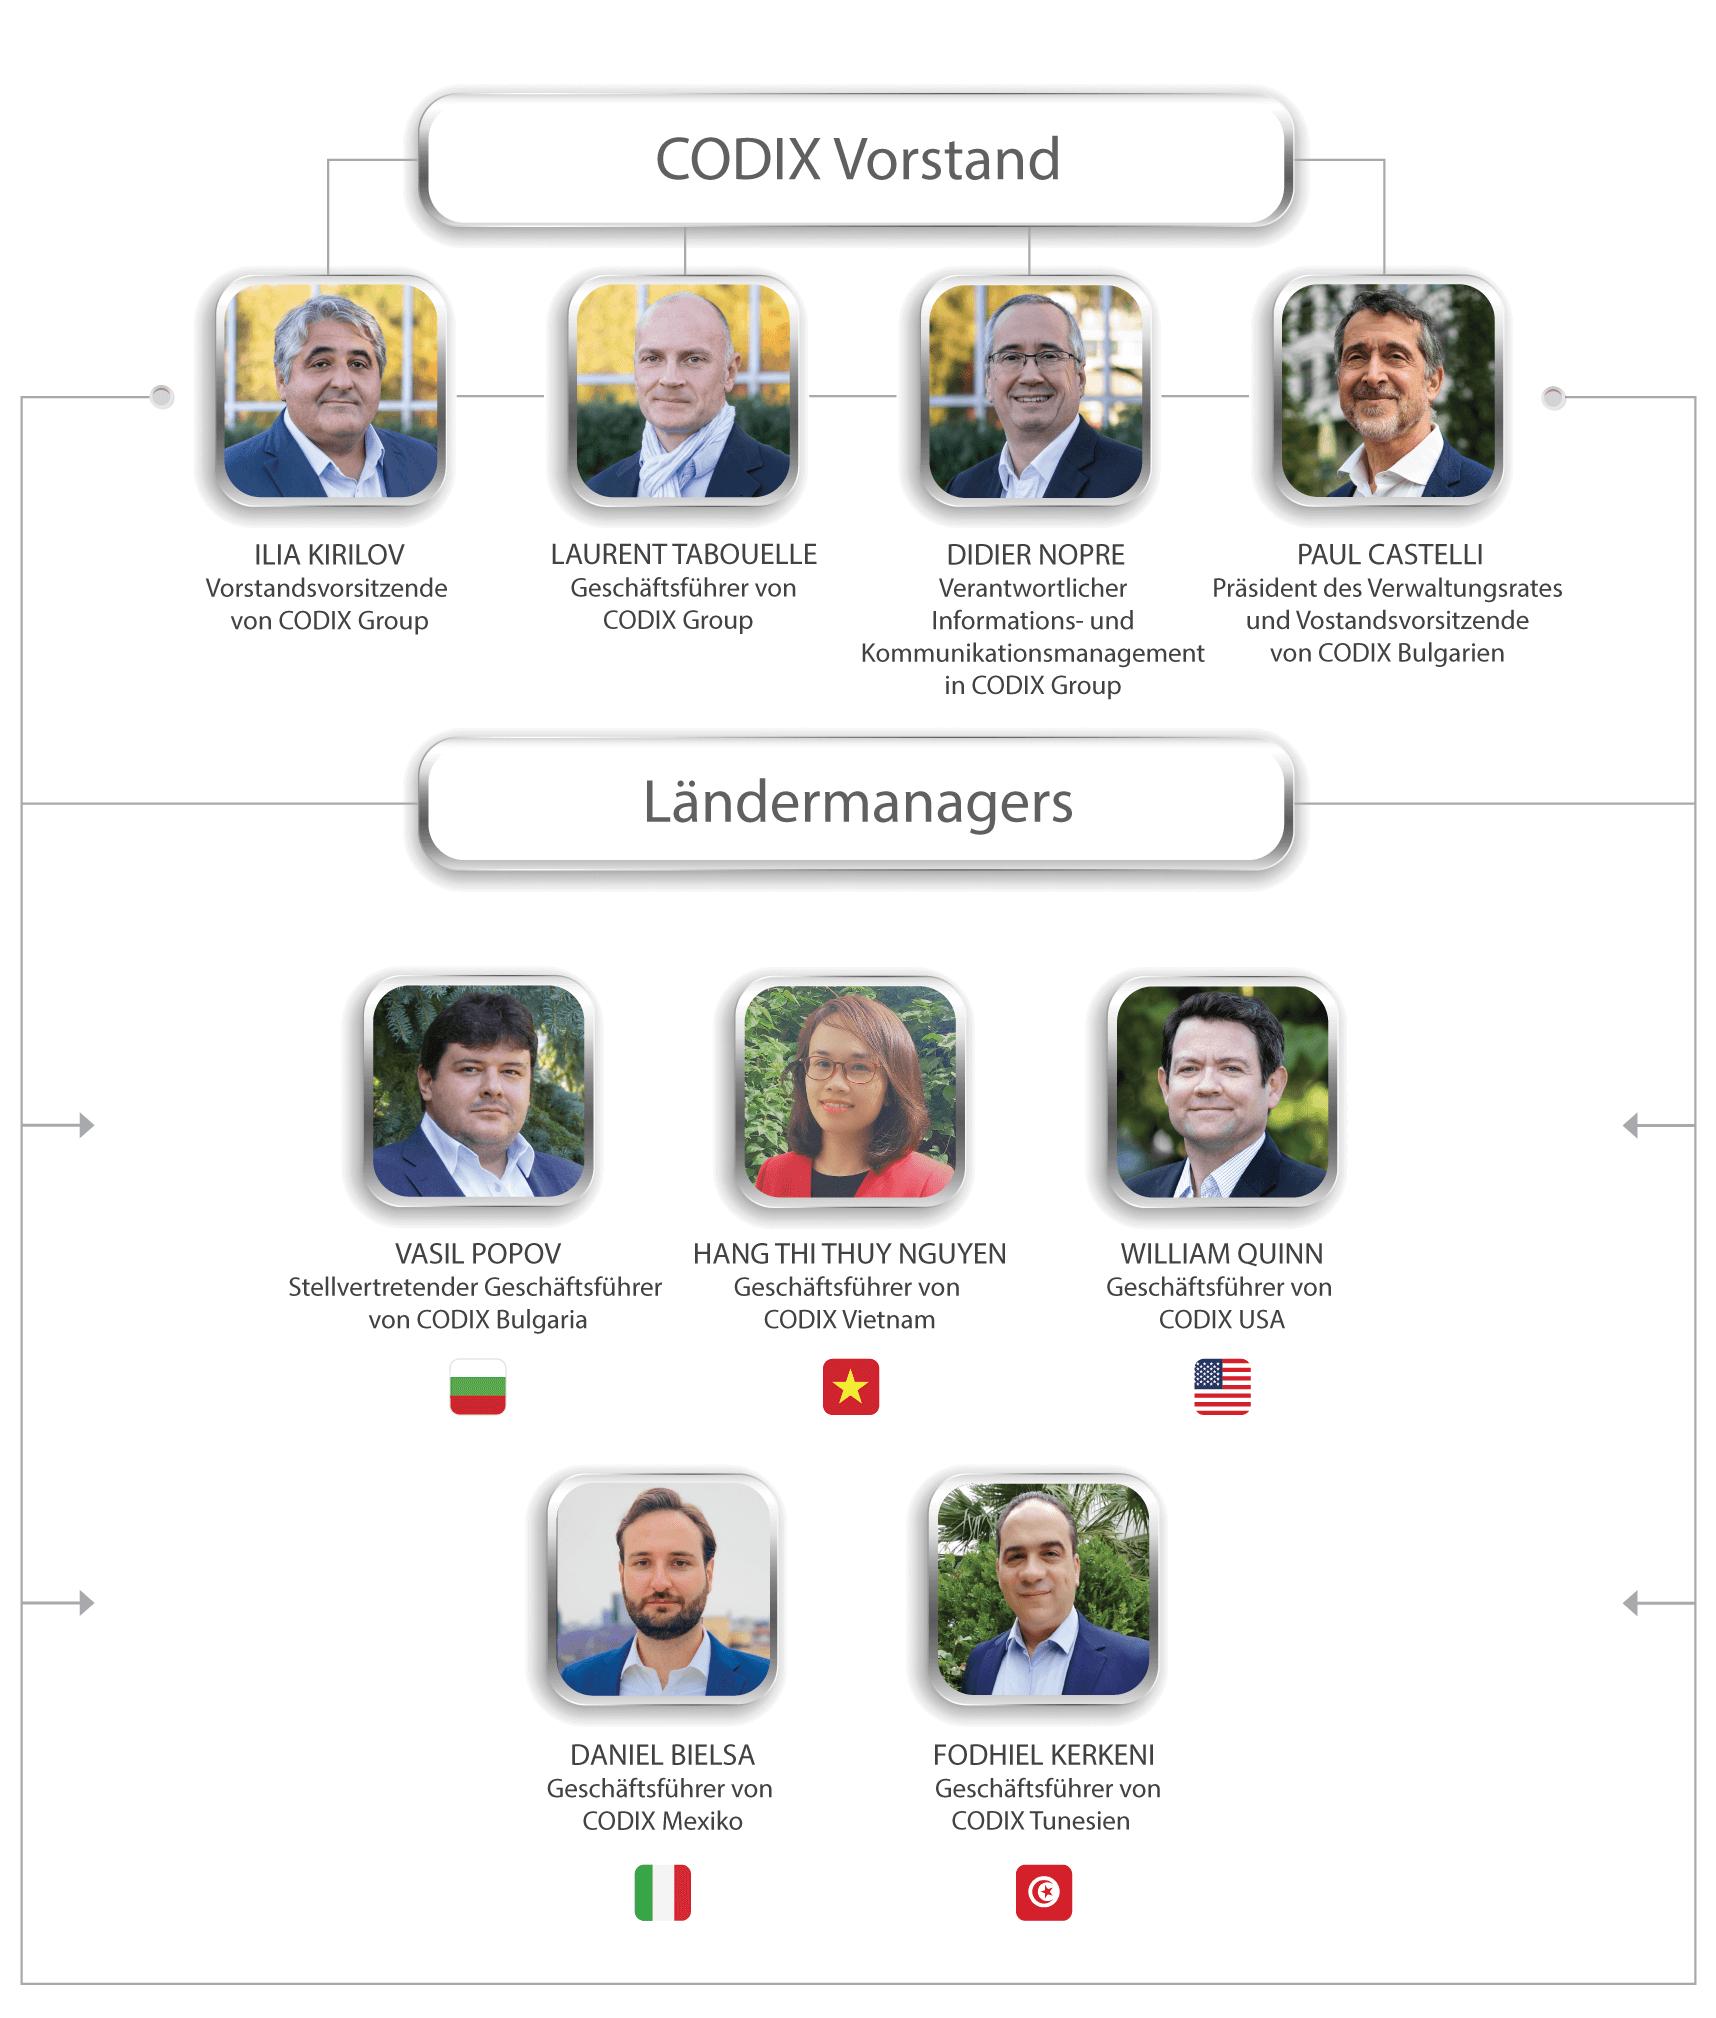 CODIX – Vorstand und Ländermanagement